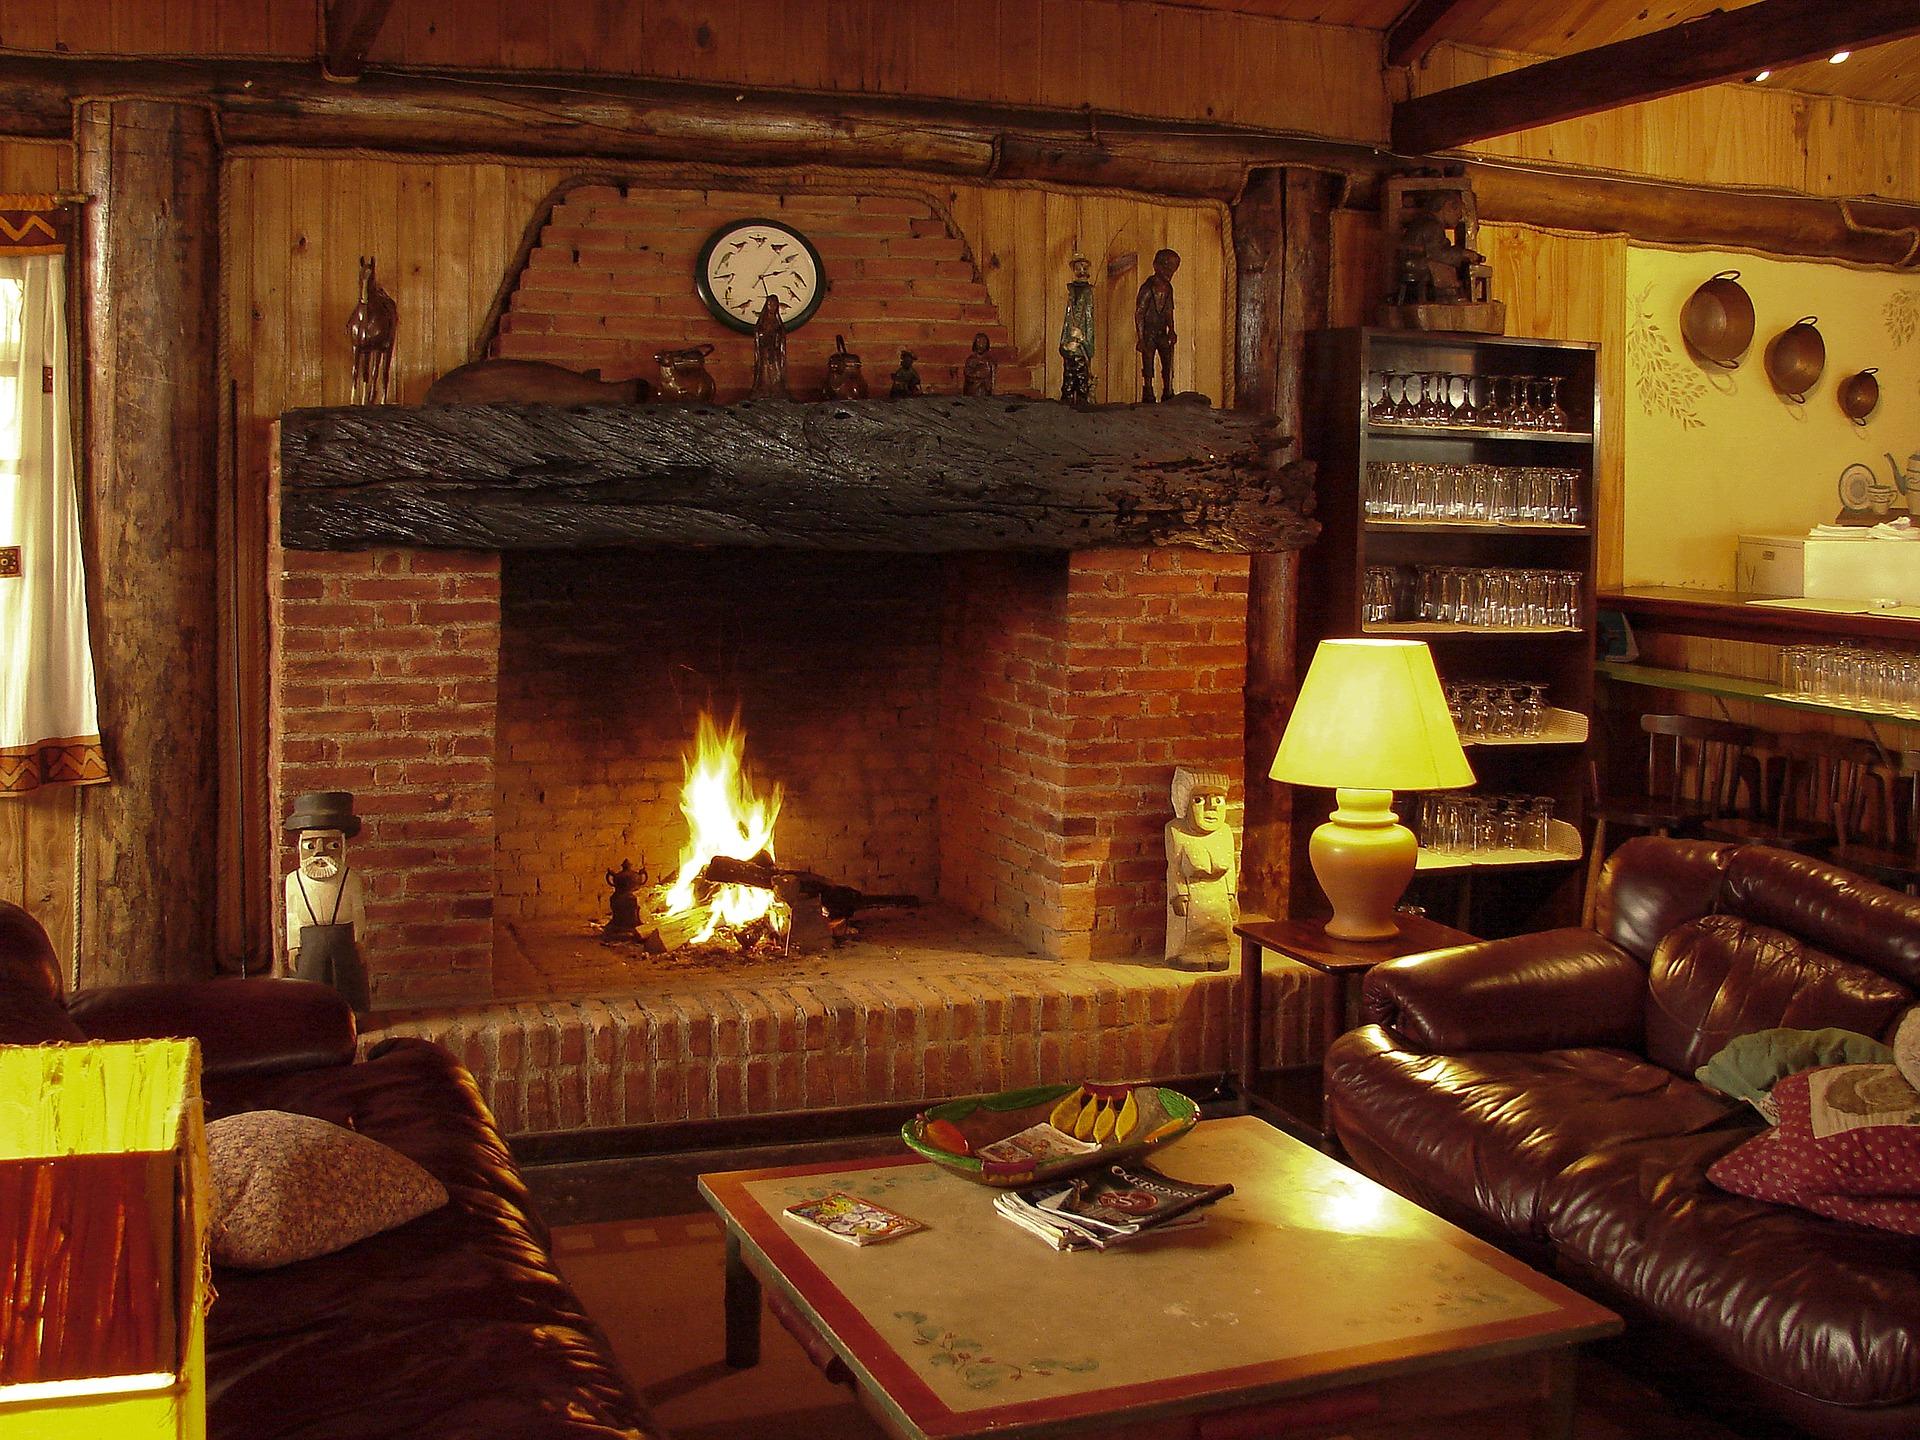 Chauffage au bois cheminée